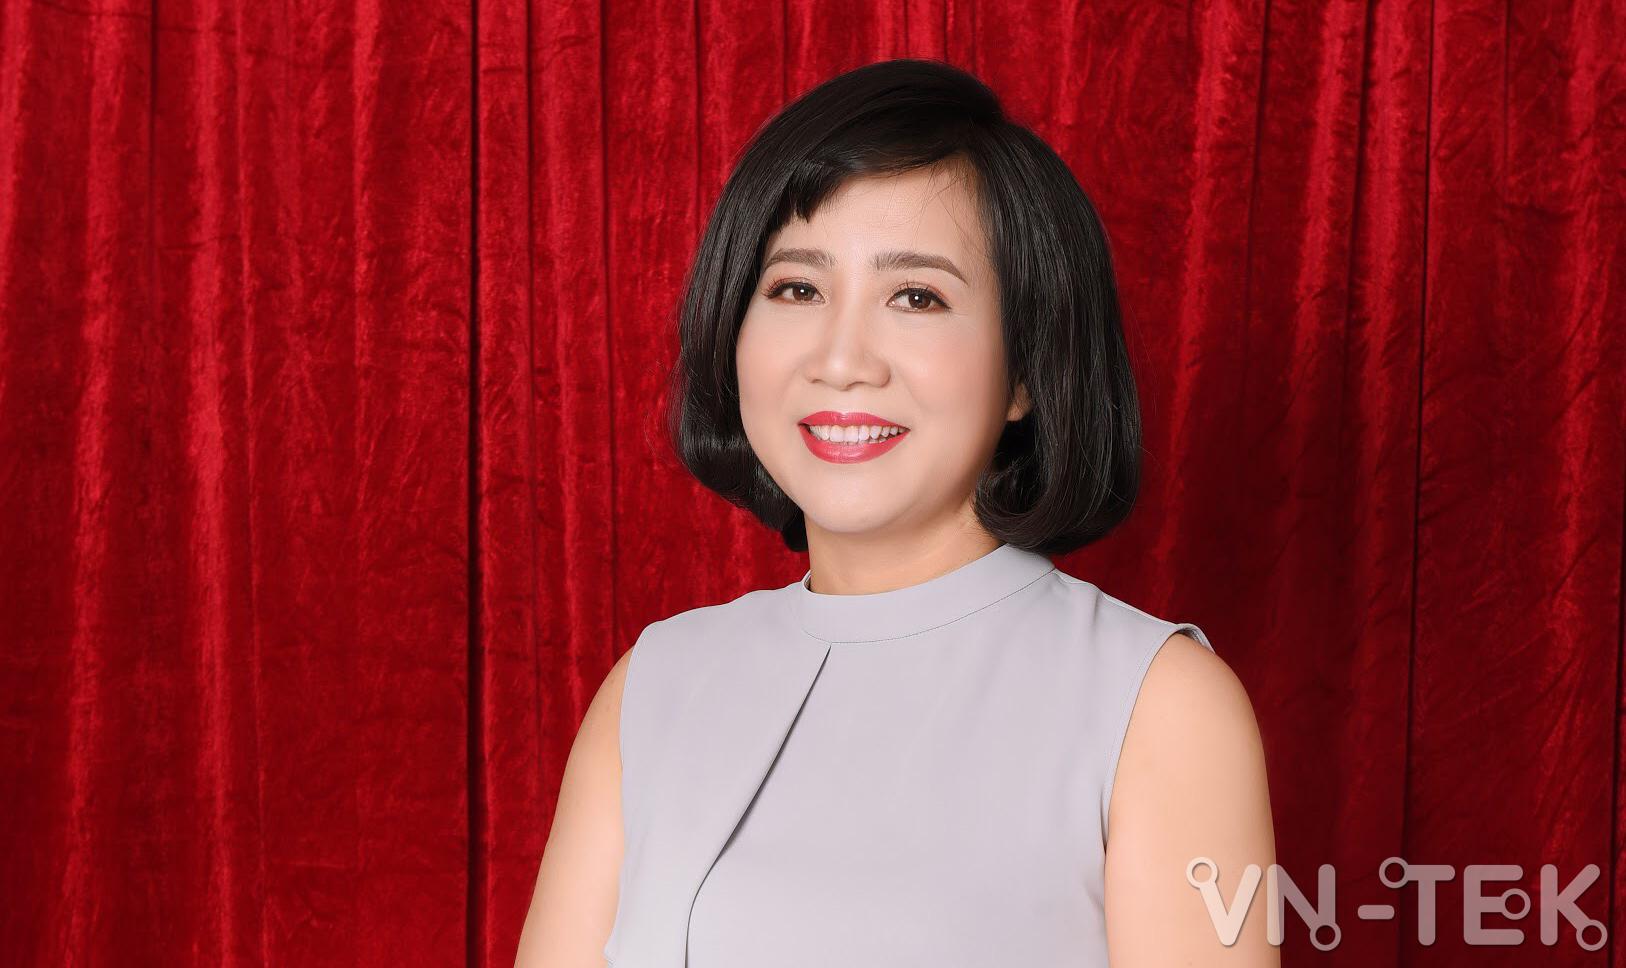 nha bao thu hang - Chào mừng Ngày Nhà báo Việt Nam 21-6